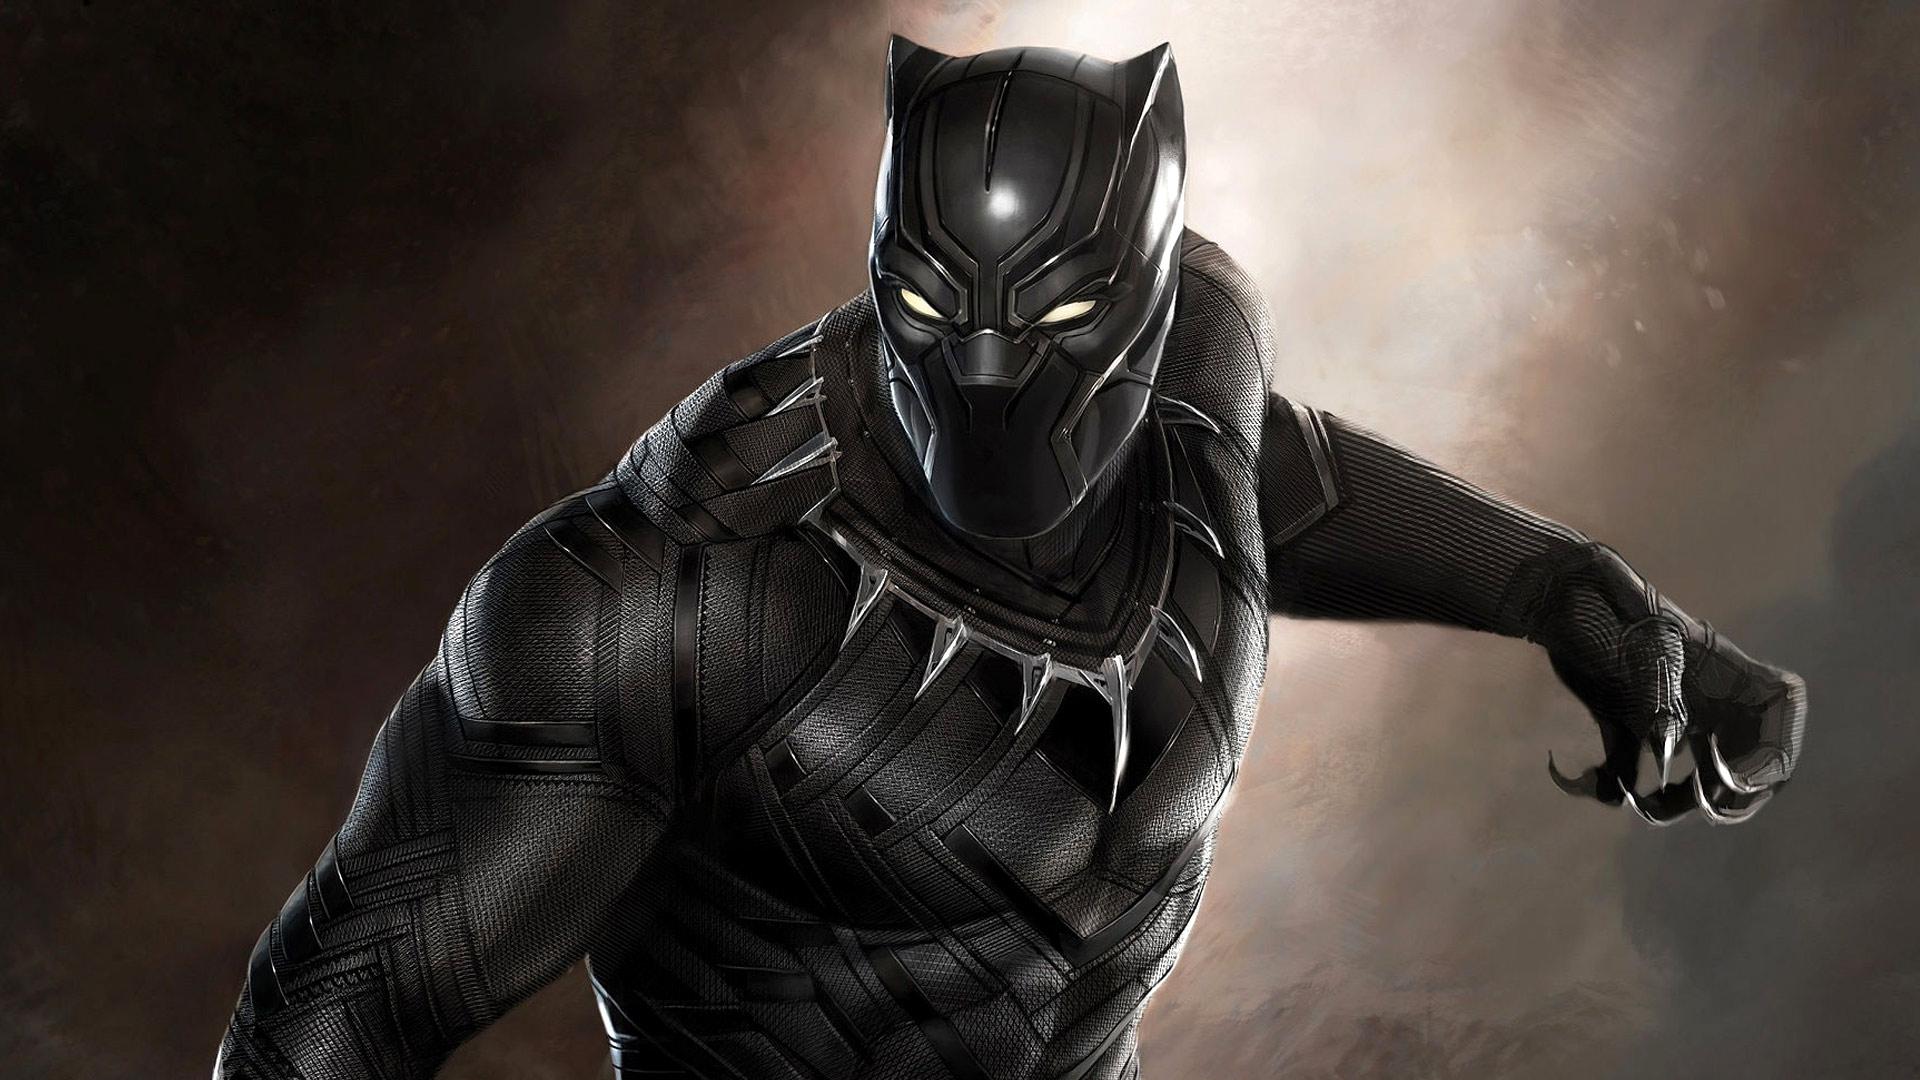 black-panther-wallpaper-20 jpg